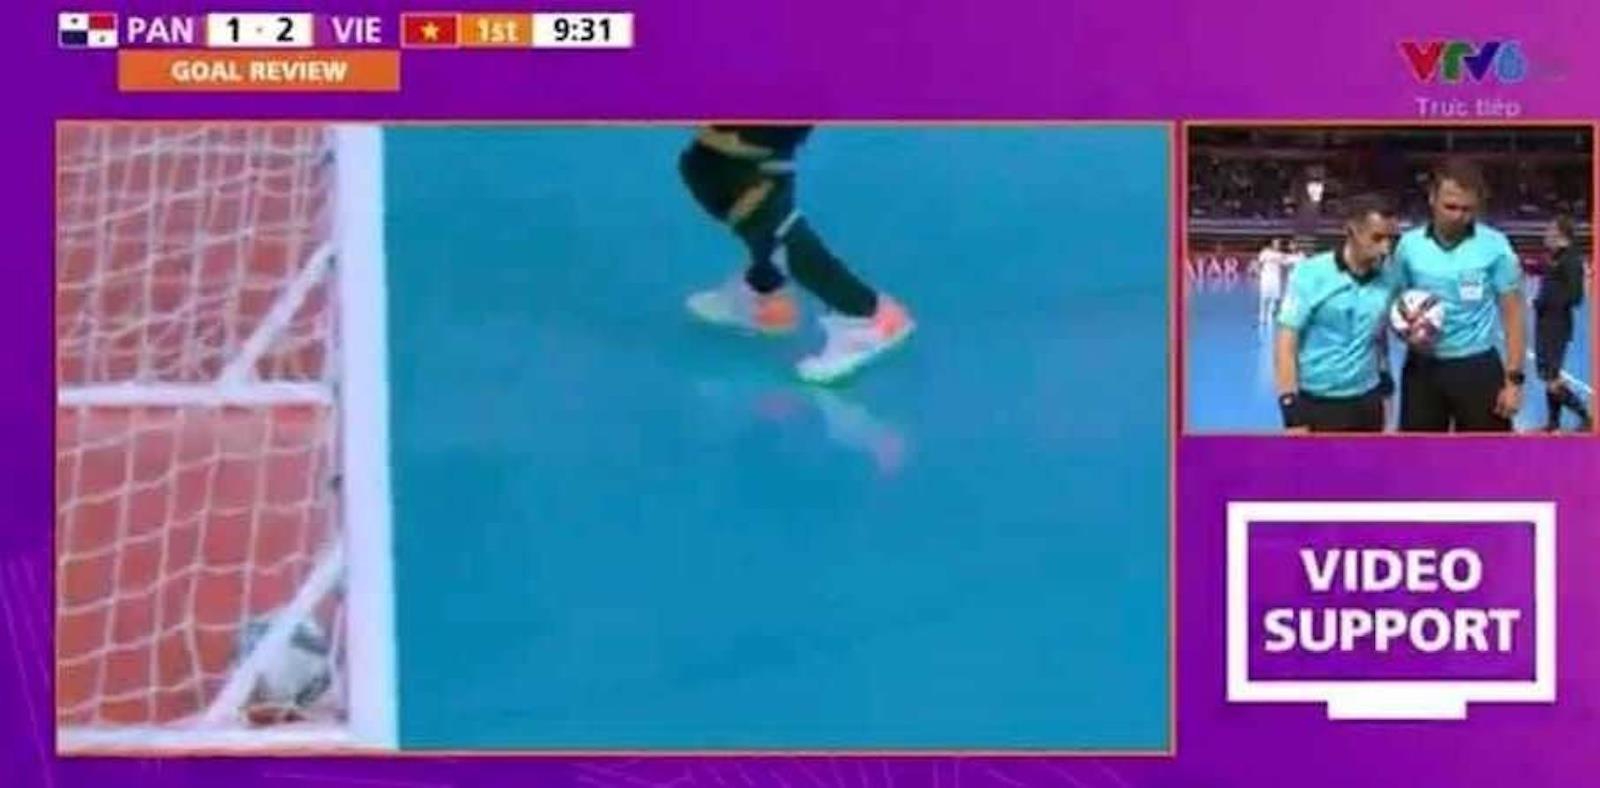 Trọng tài chọn cách an toàn khi từ chối bàn thắng của tuyển futsal Việt Nam - 1